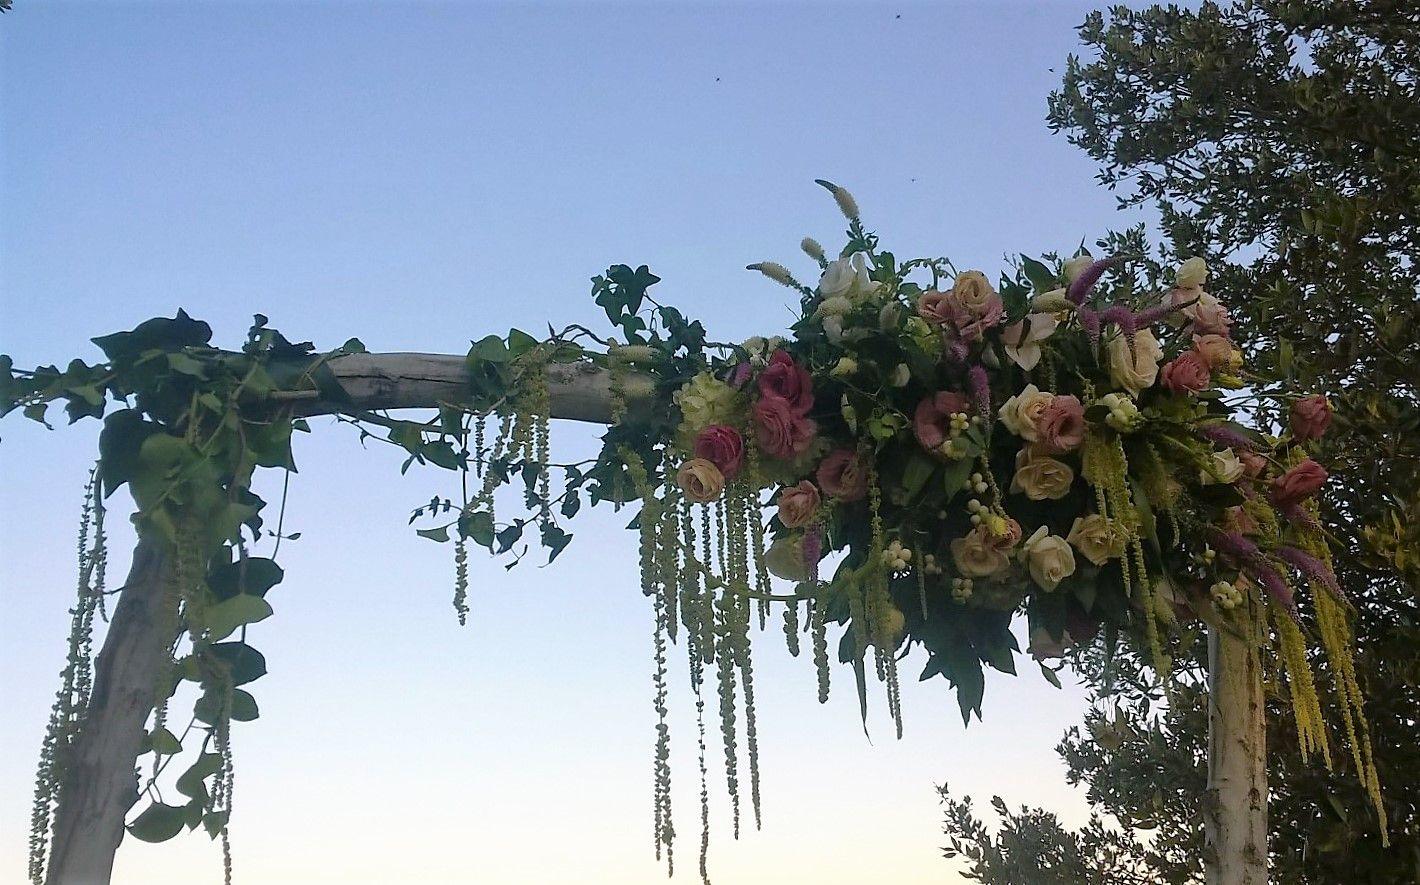 Matrimonio Simbolico All Aperto : Matrimonio rito simbolico all aperto arco di legno